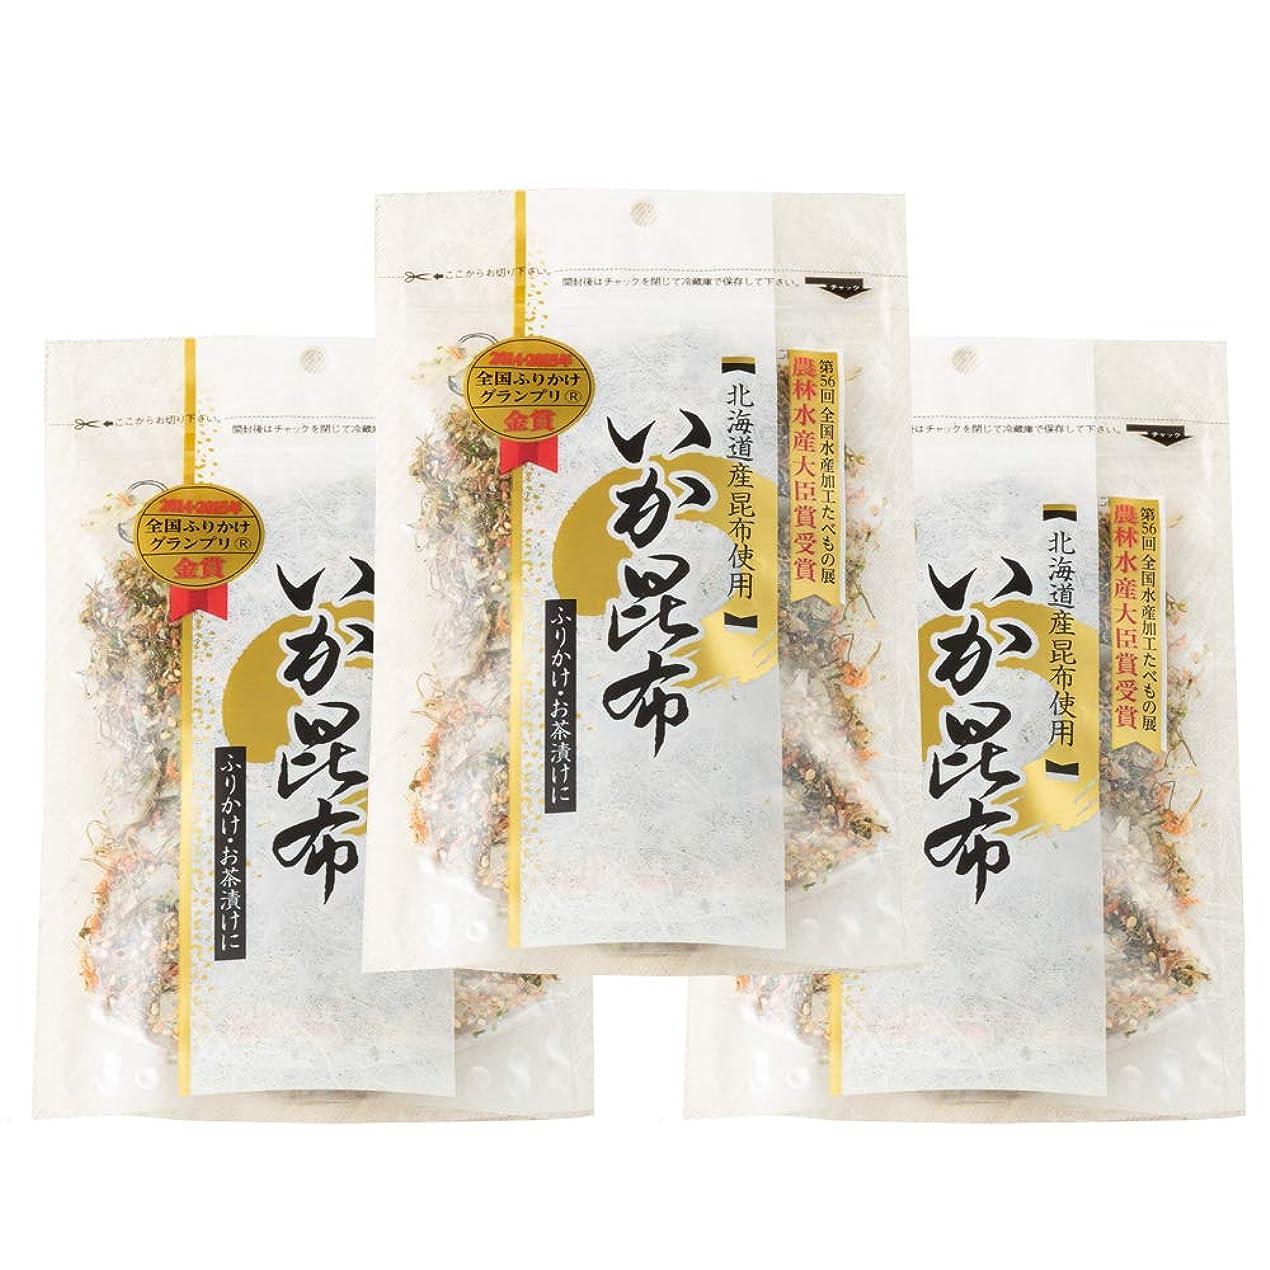 予報説教剥離ふりかけ 詰め合わせ セット 澤田食品 いか昆布×3袋